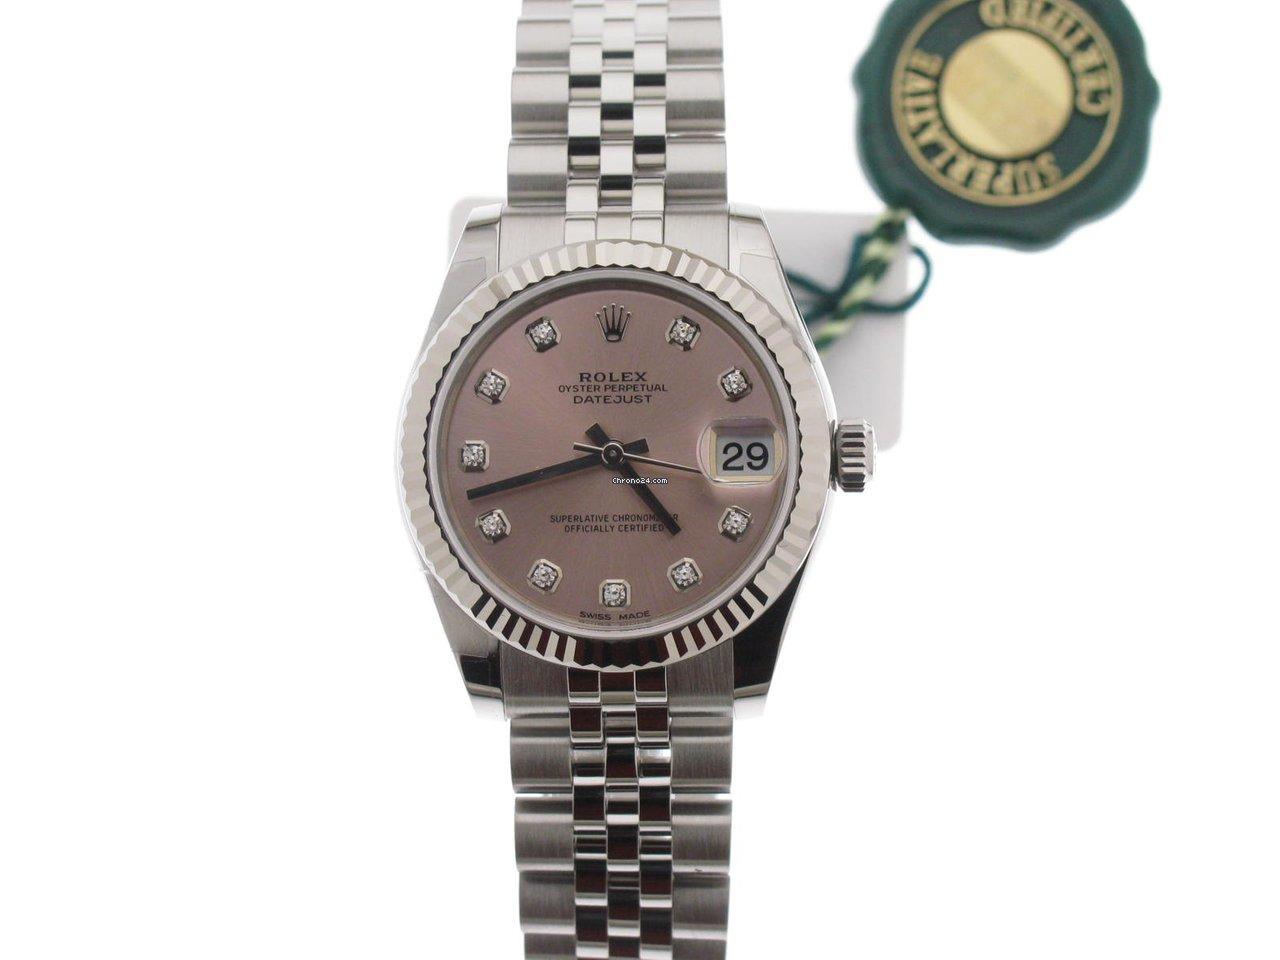 46b3c1b9f92 Prezzo degli orologi Rolex Lady-Datejust su Chrono24